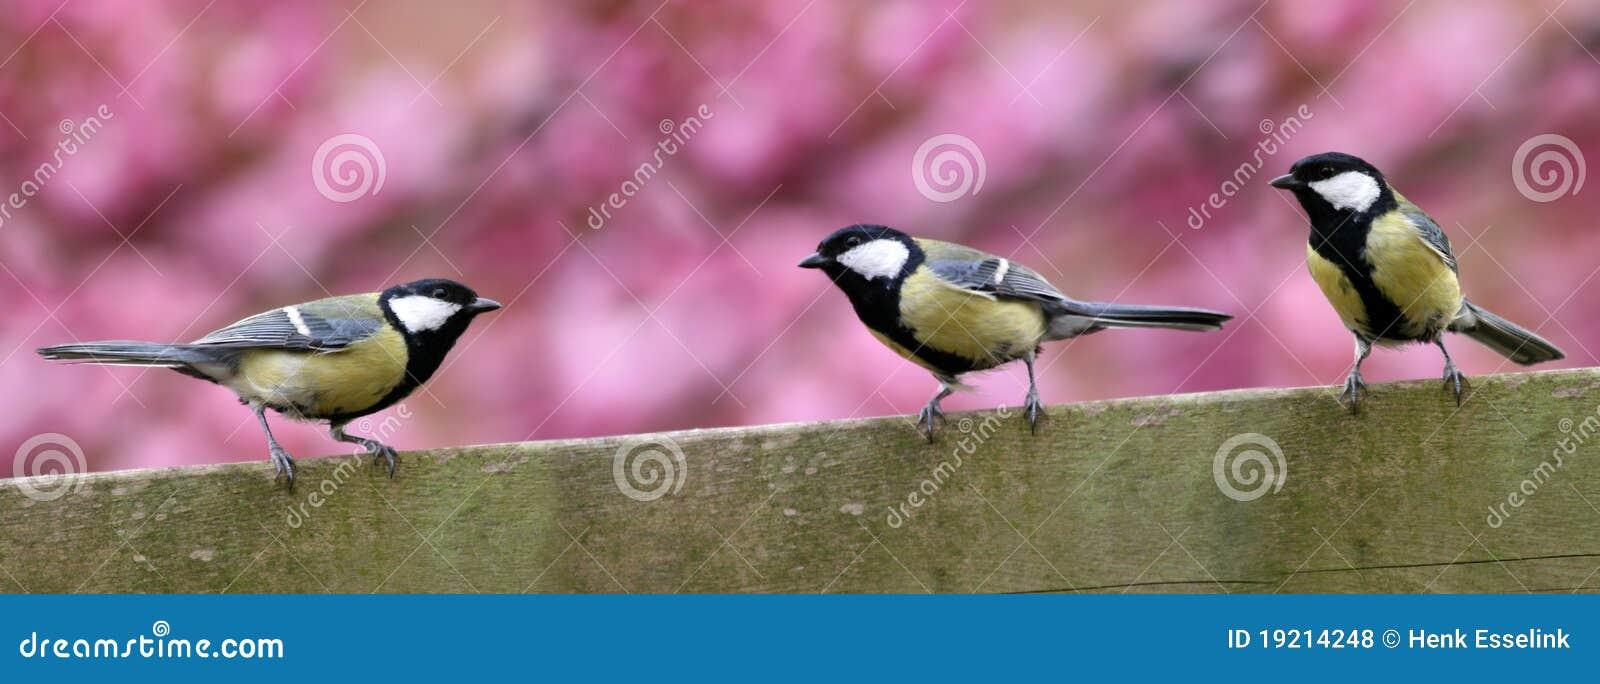 鸟范围庭院三